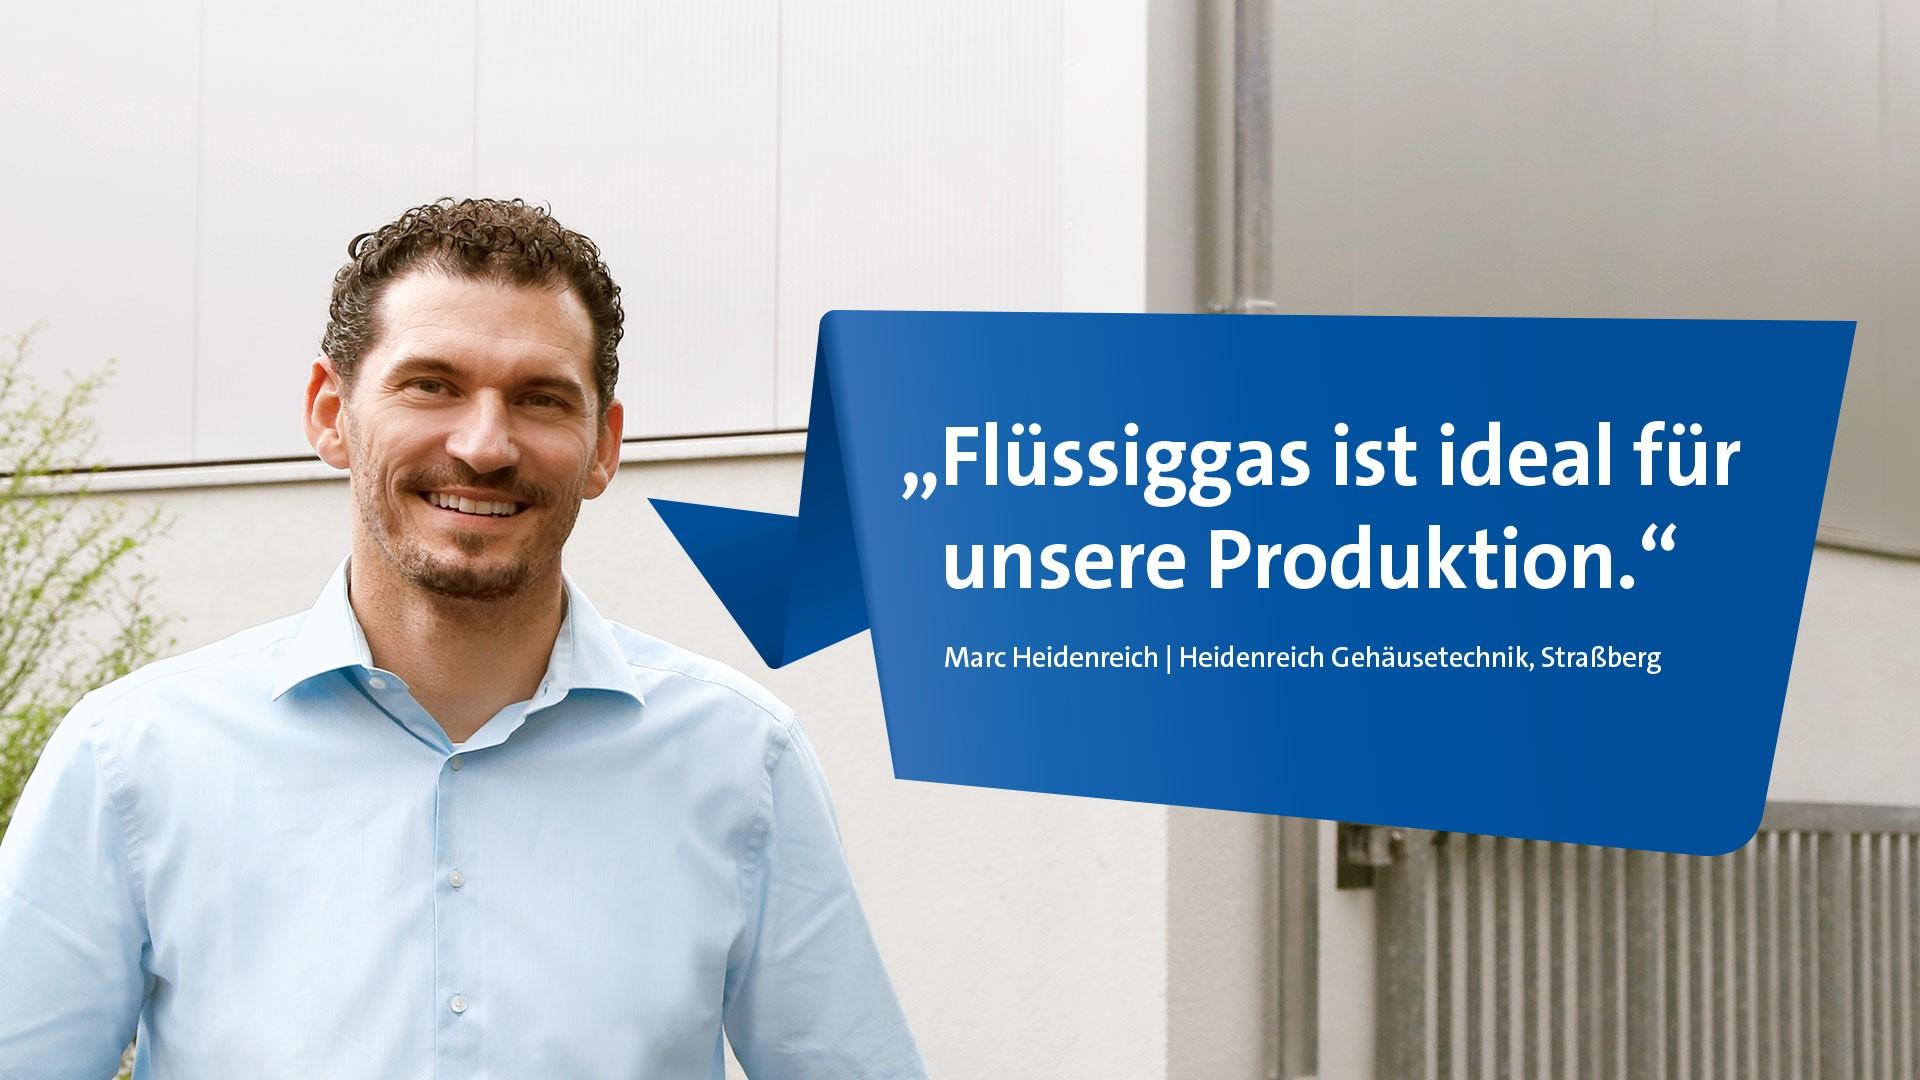 Marc Heidenreich aus Straßberg vor seinem Betrieb Heidenreich Gehäusetechnik.